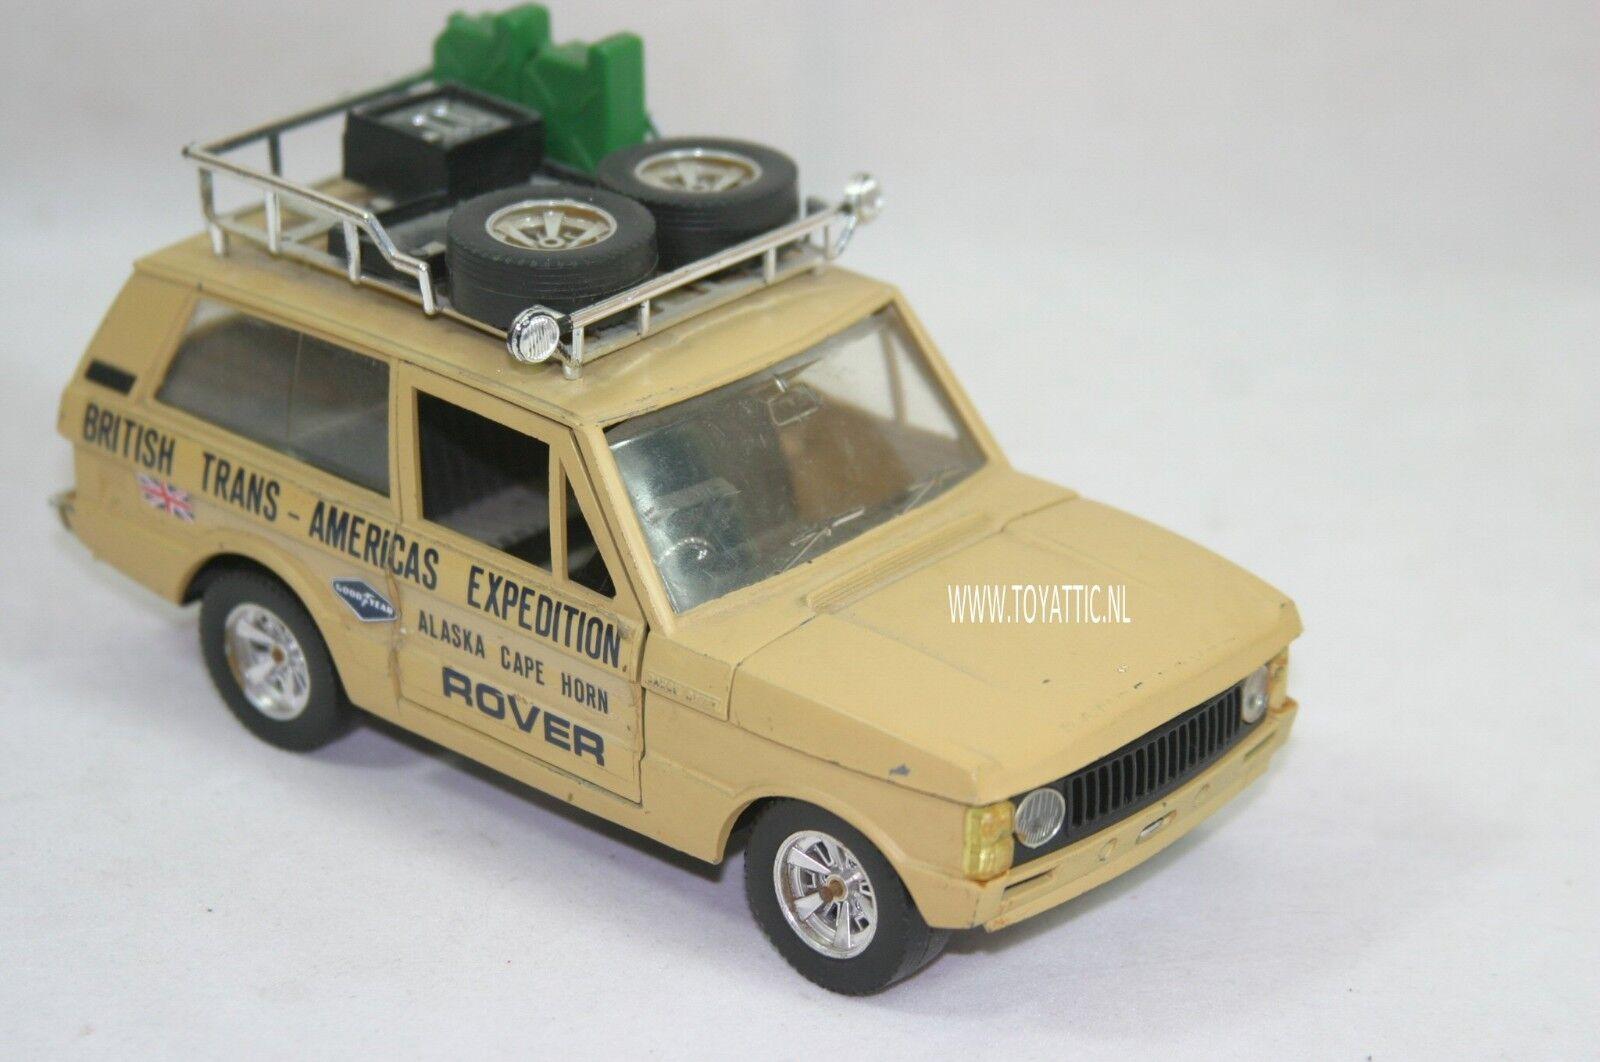 Land rover range rover britische trans - amerika verwendbar bis 24 von 80 ist burago